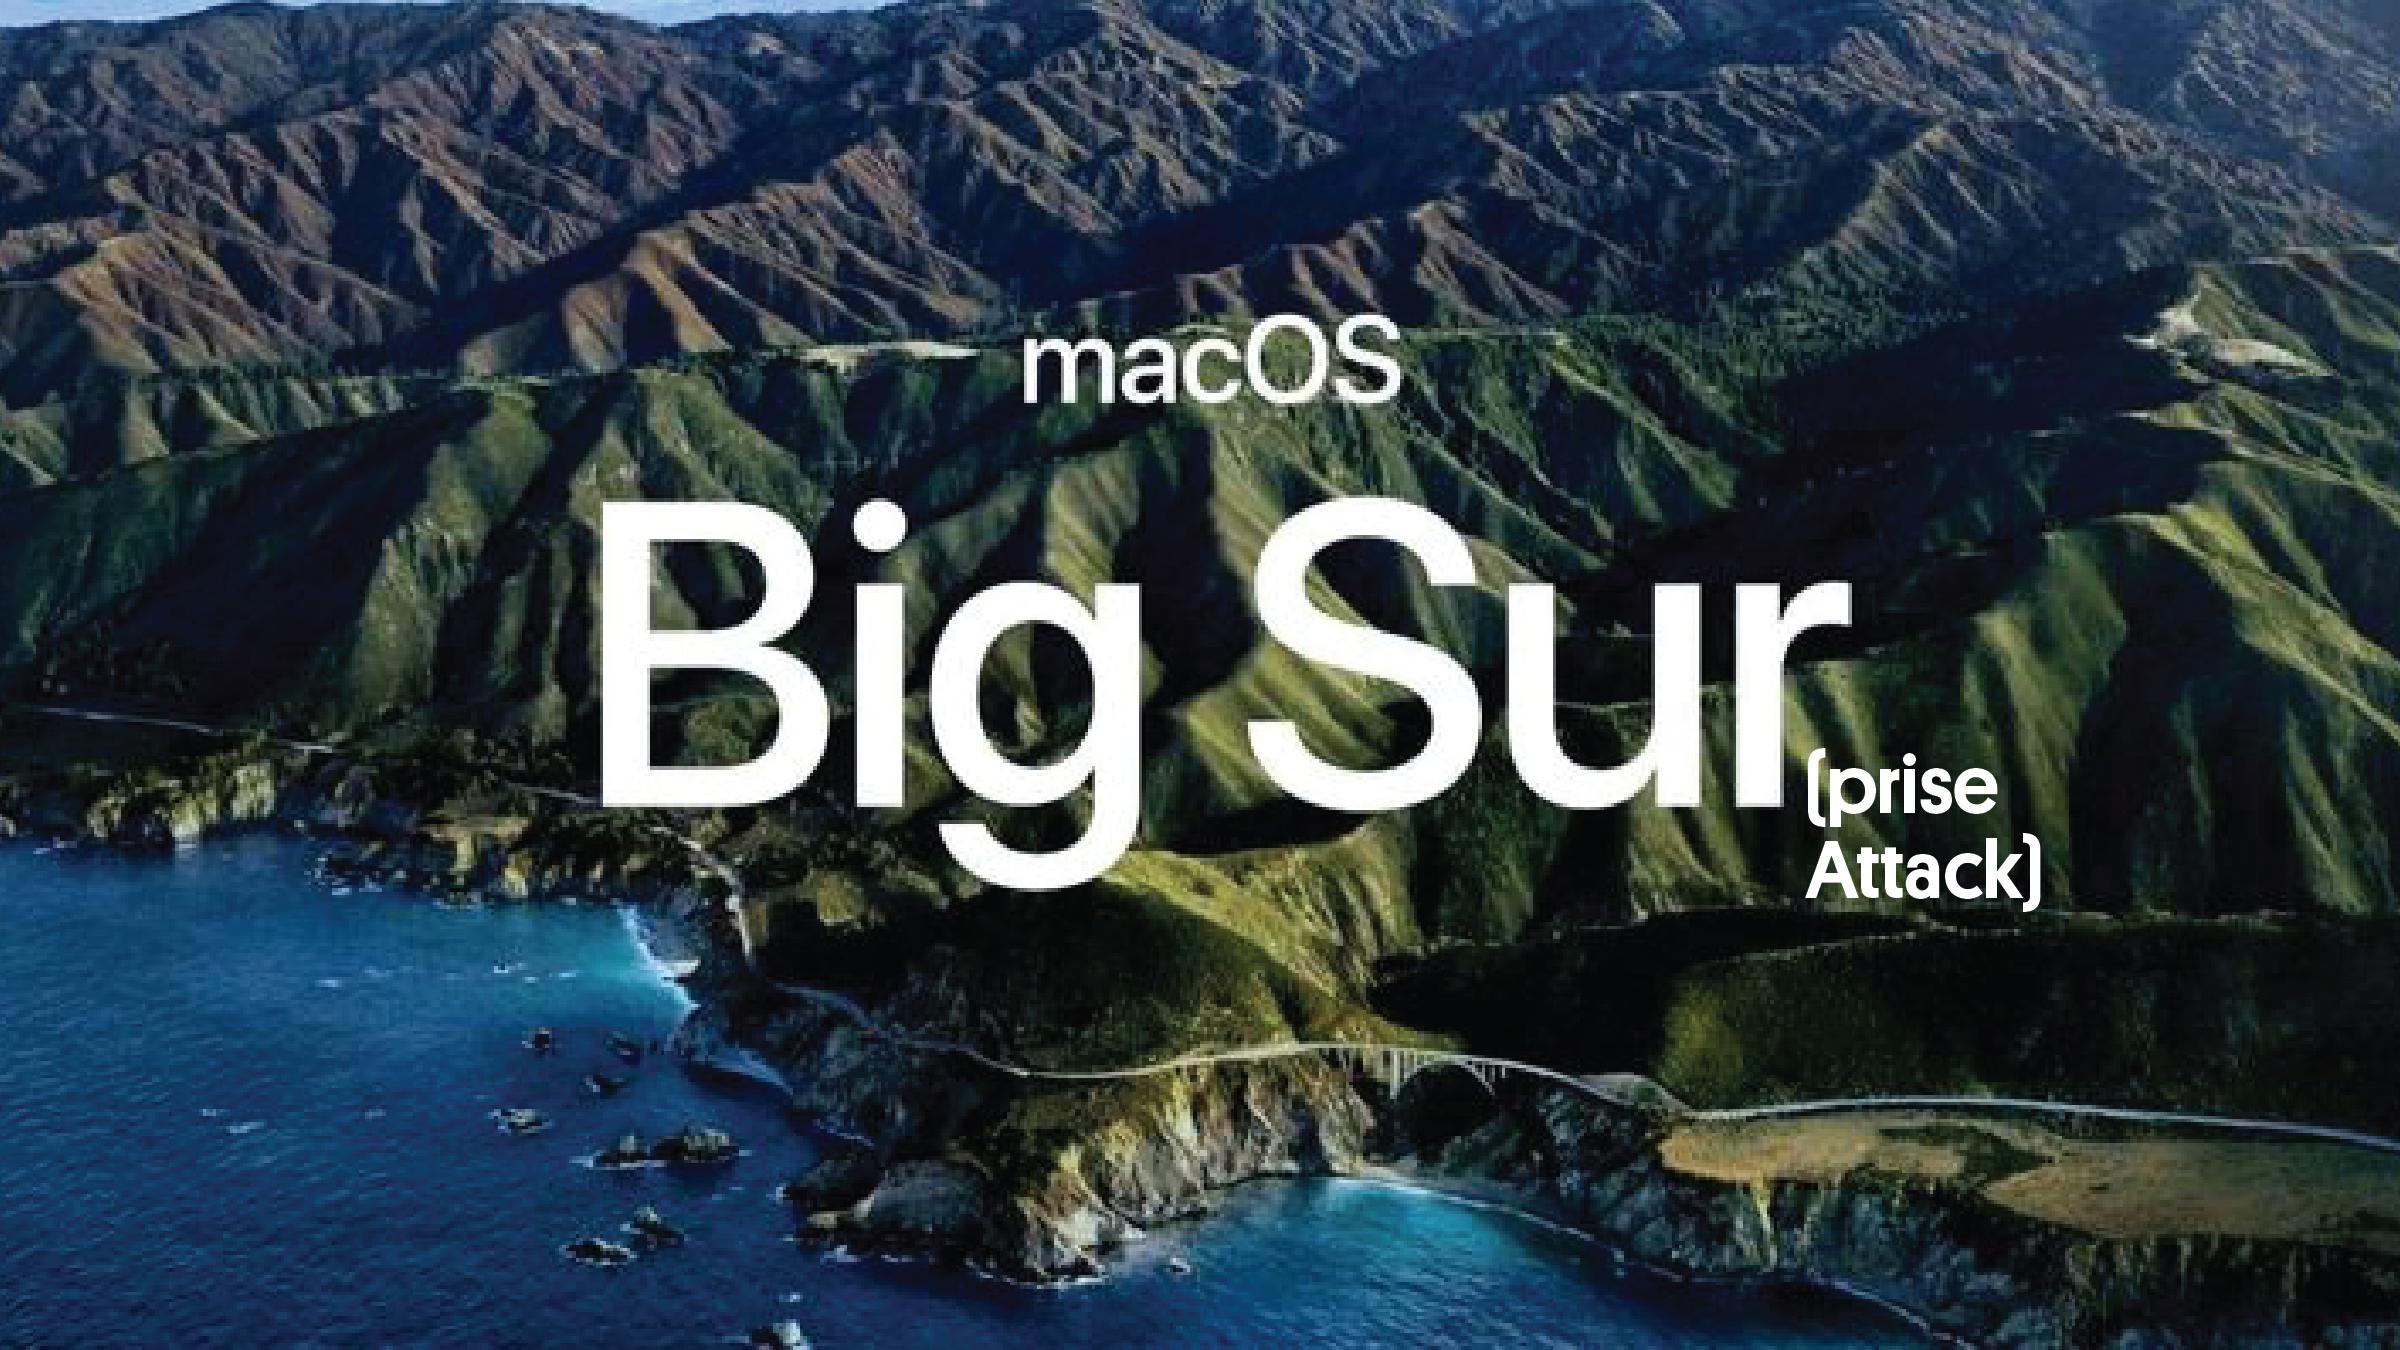 Apple's Big Surprise Attack!